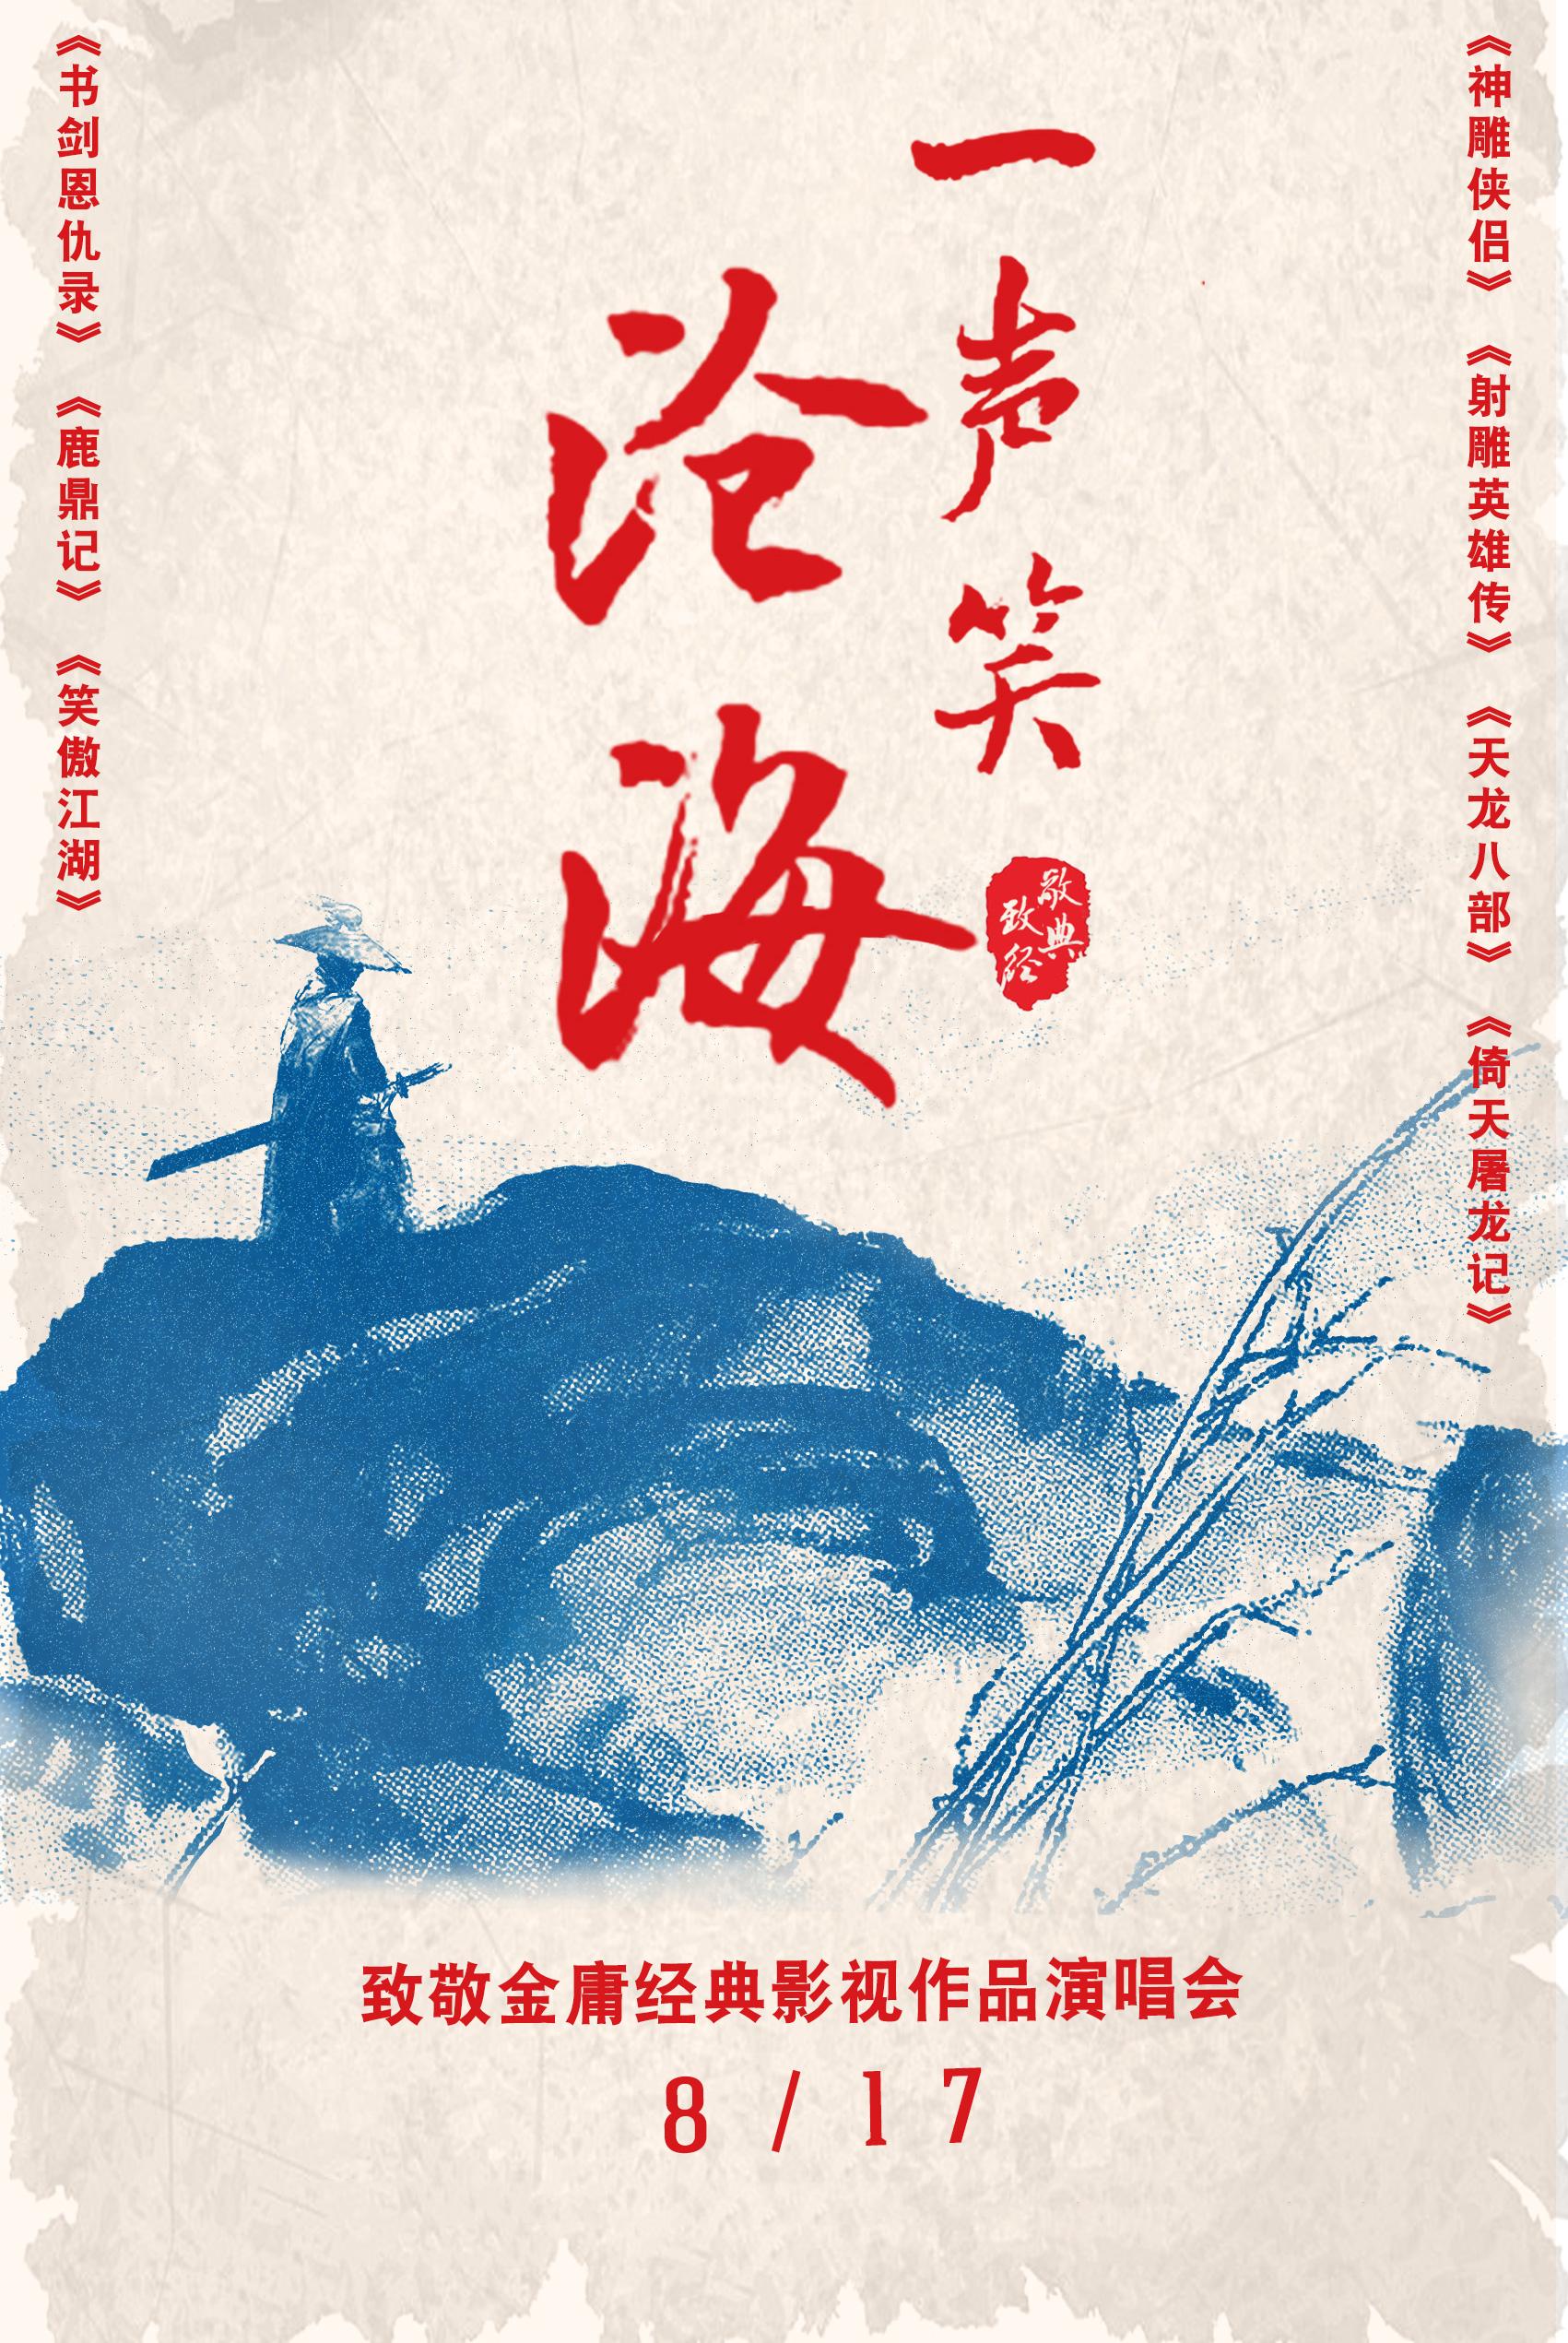 沧海一声笑--致敬金庸经典影视作品演唱会北京站